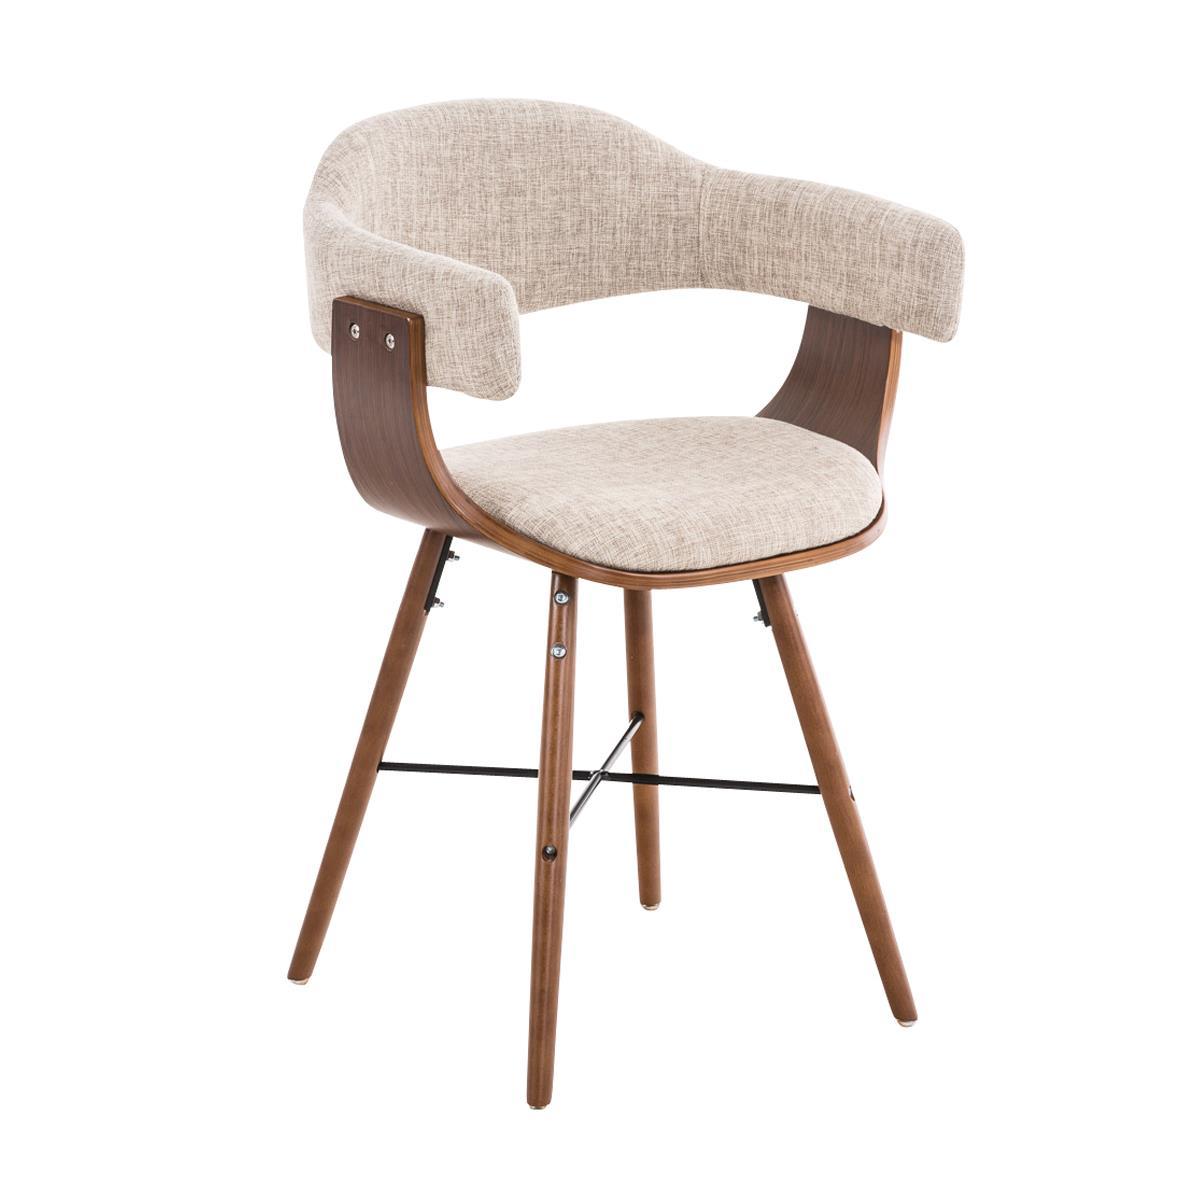 Silla de comedor albatros en tela color crema y for Comedor sillas de colores